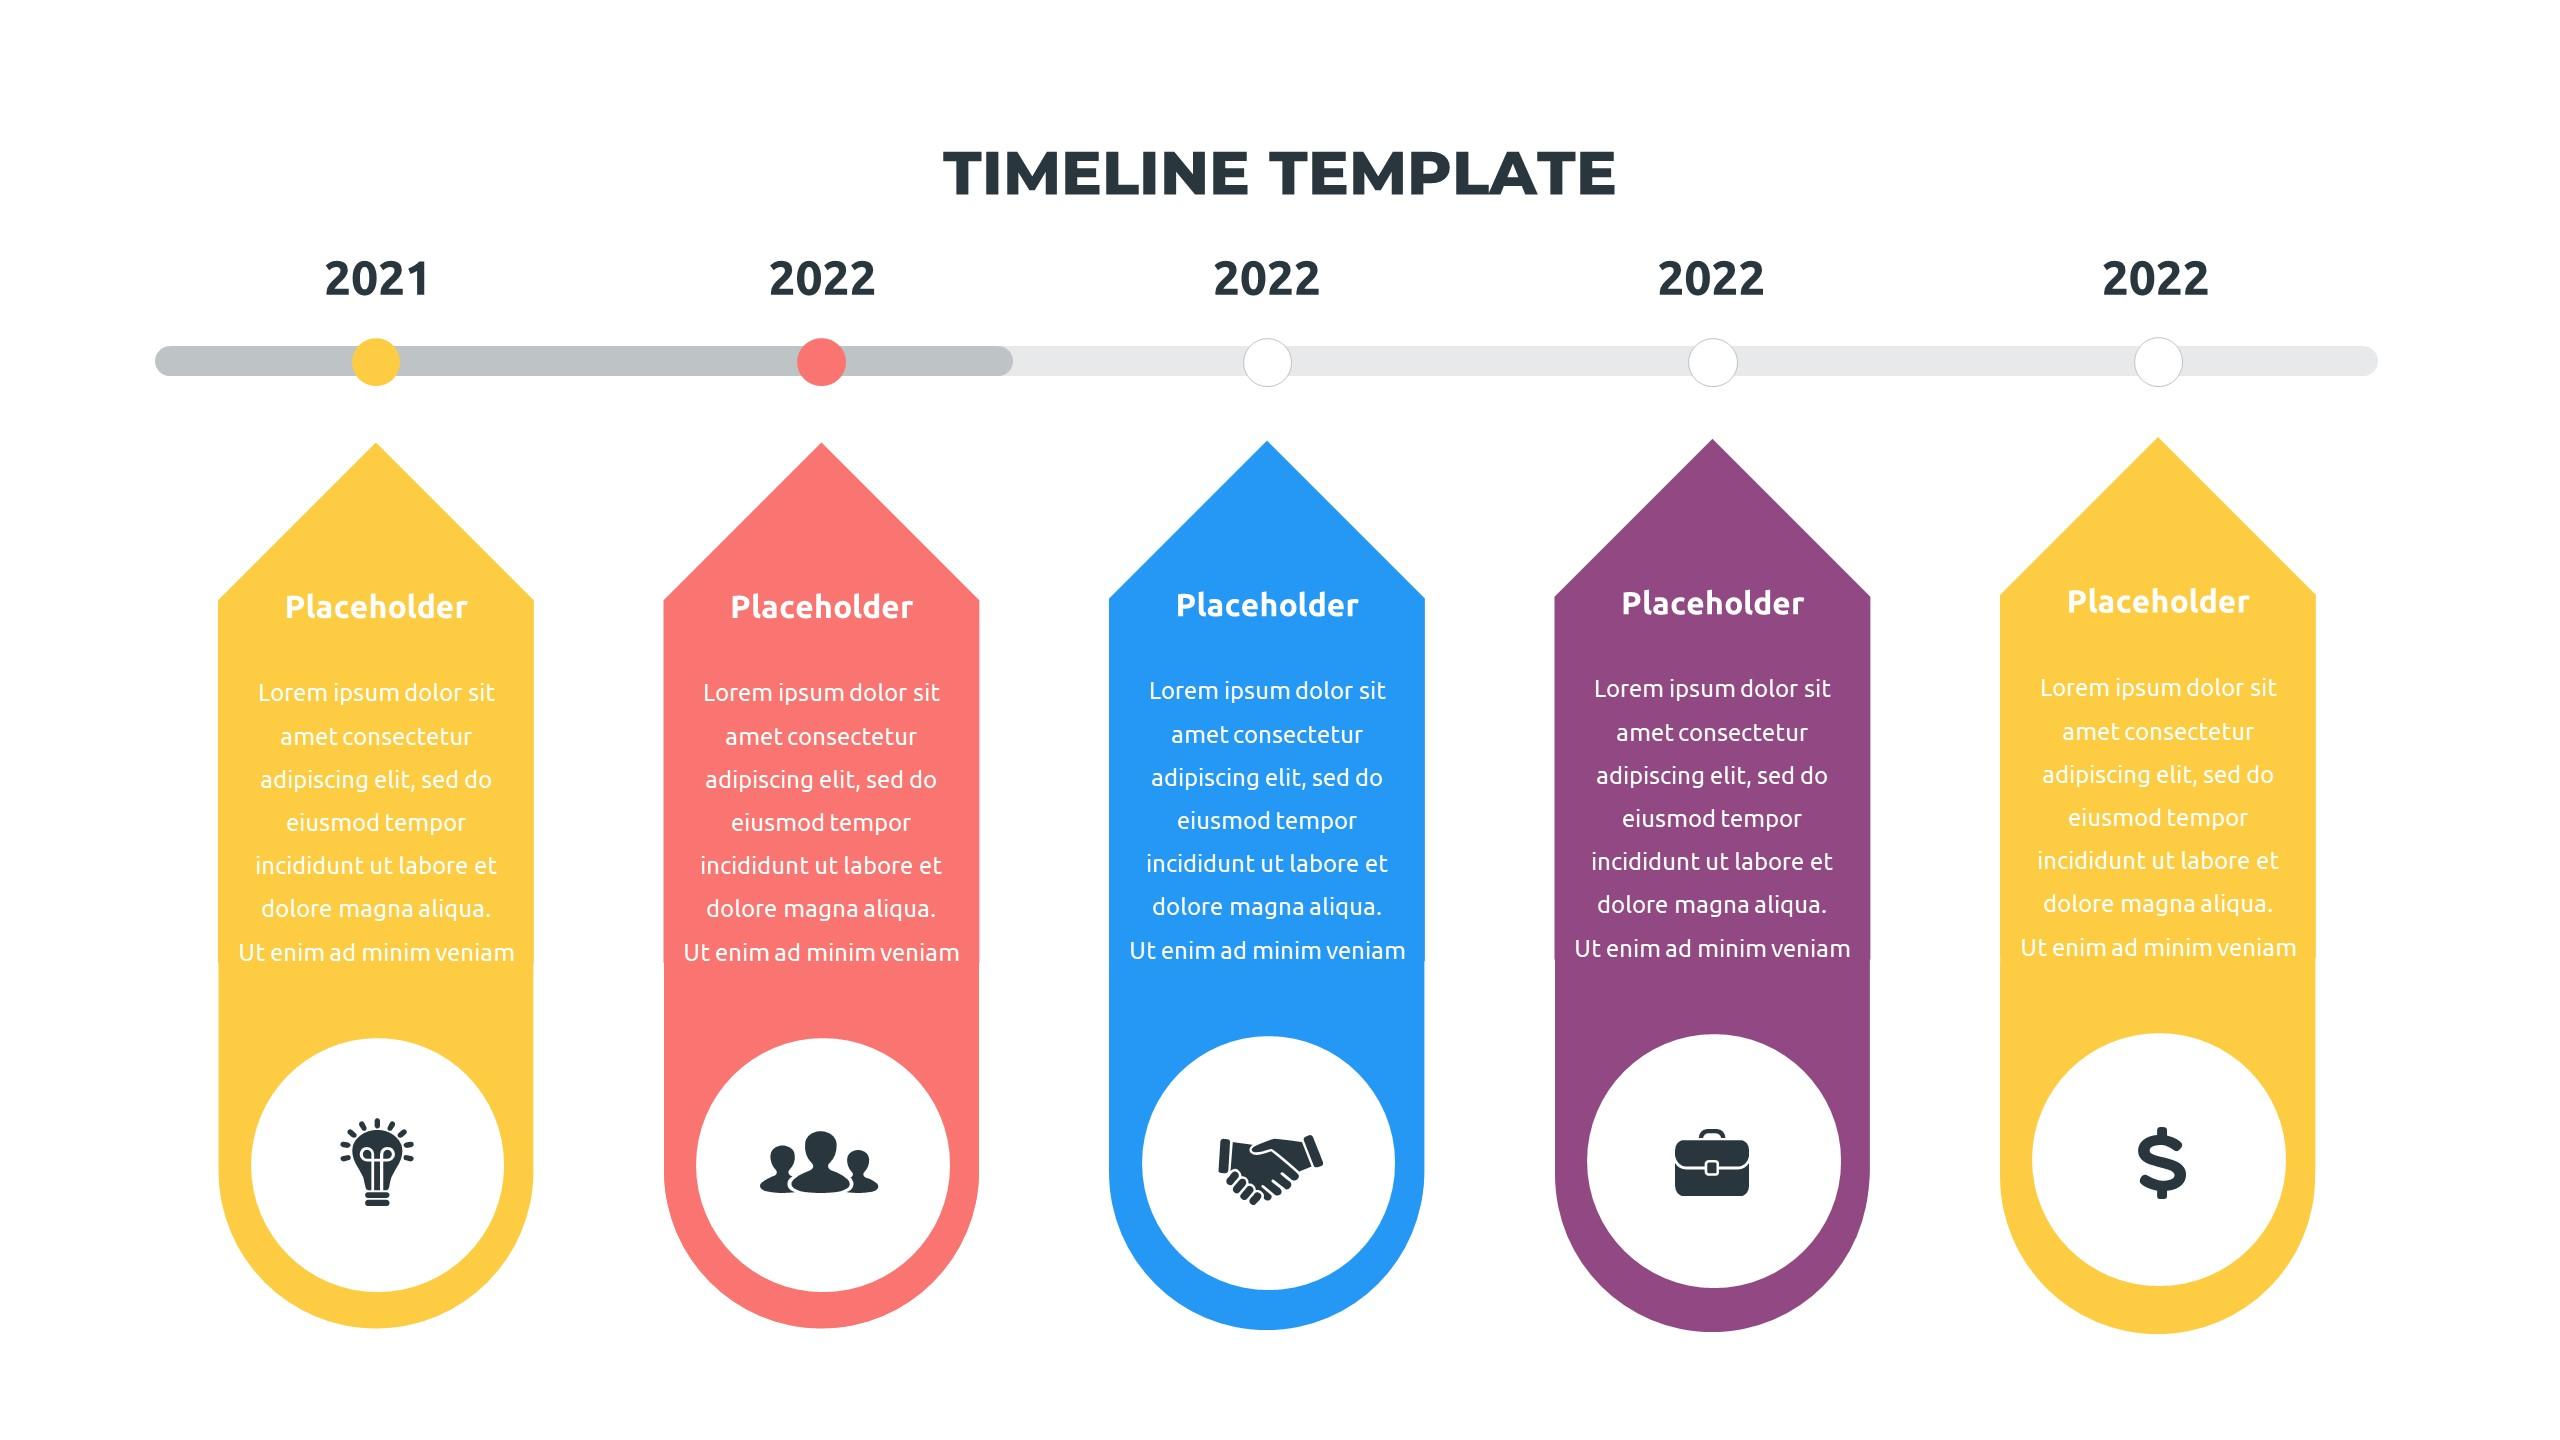 36 Timeline Presentation Templates: Powerpoint, Google Slides, Keynote - Slide31